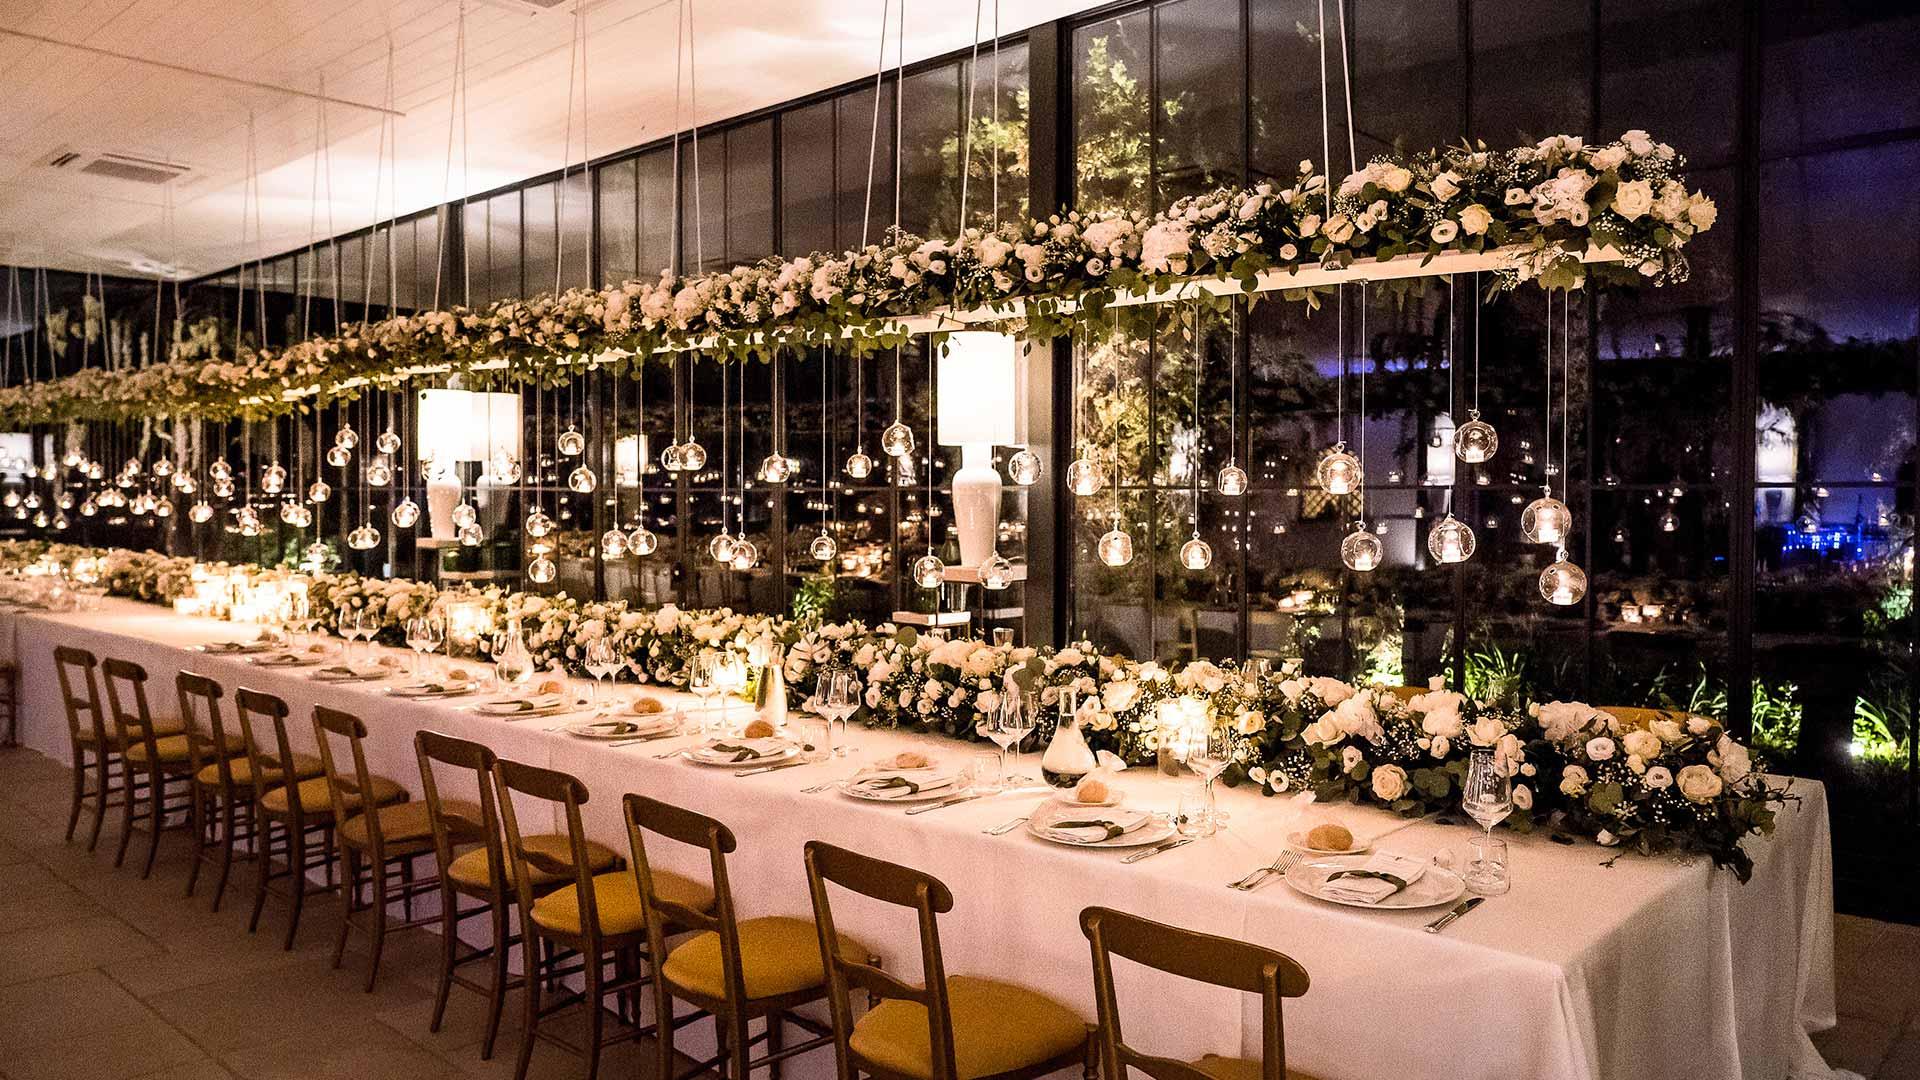 matrimonio estivo tavola fiorita